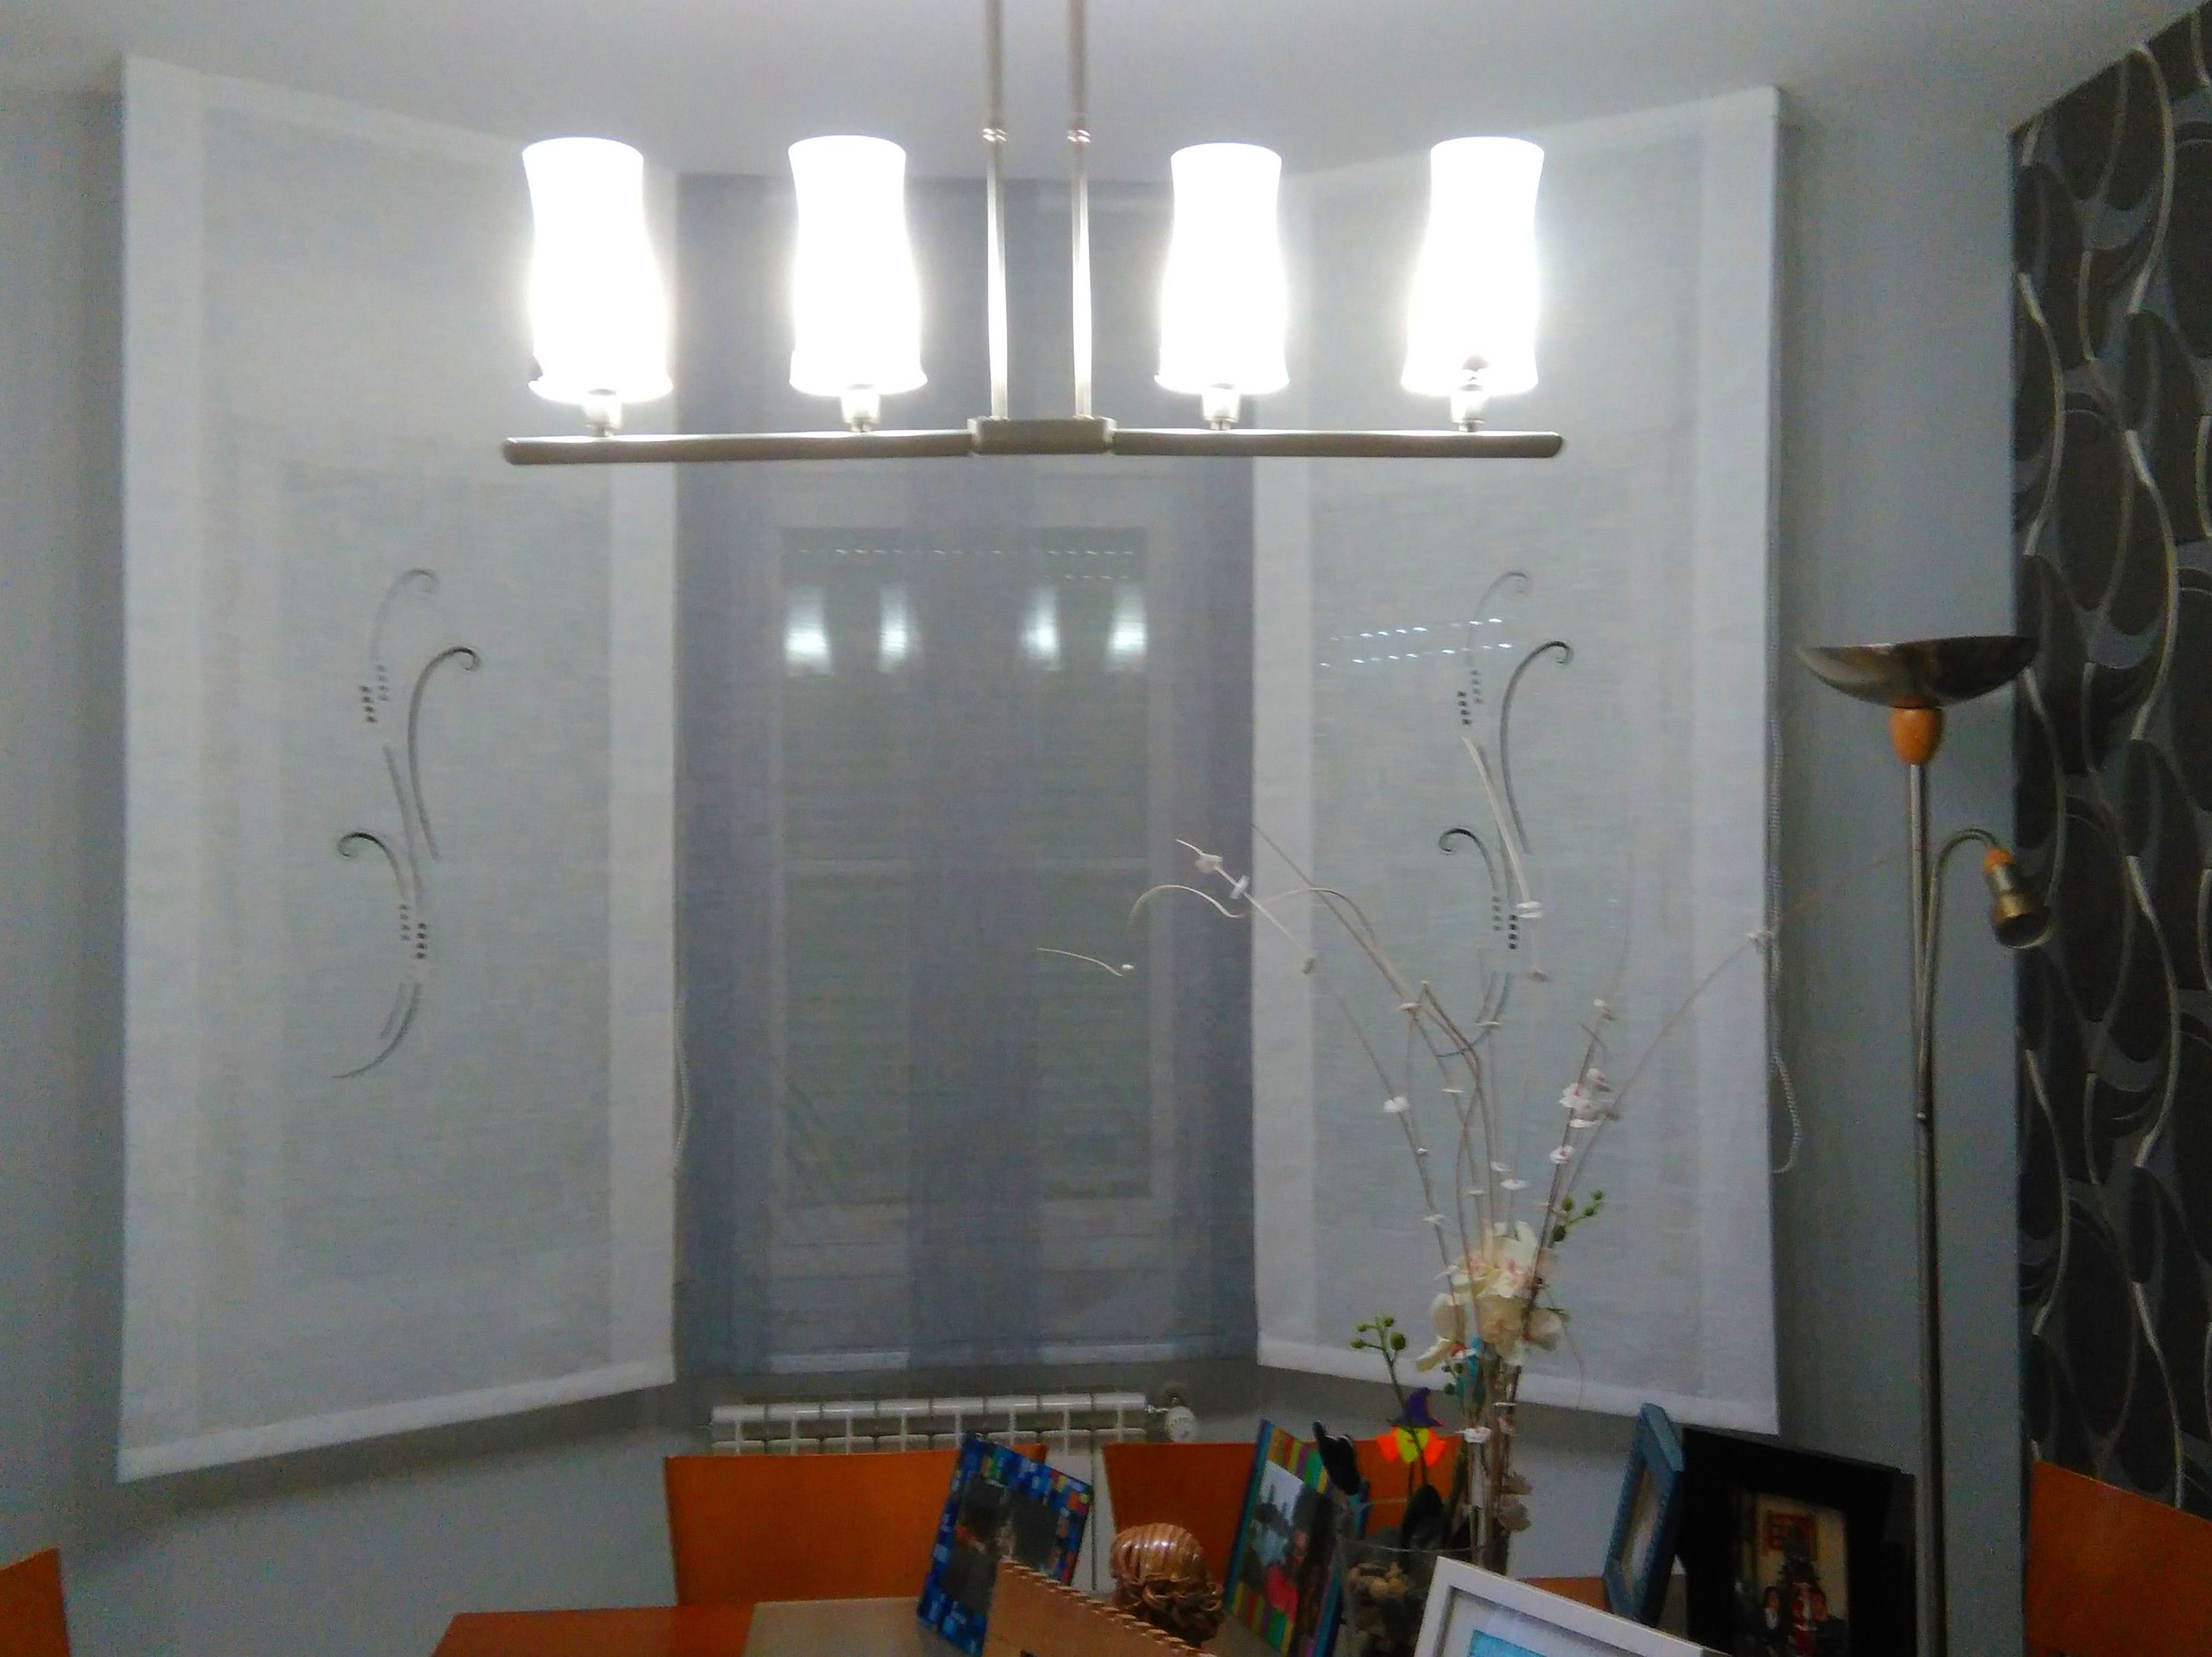 Foto 9 de Venta e instalación de cortinas en  | Feymar